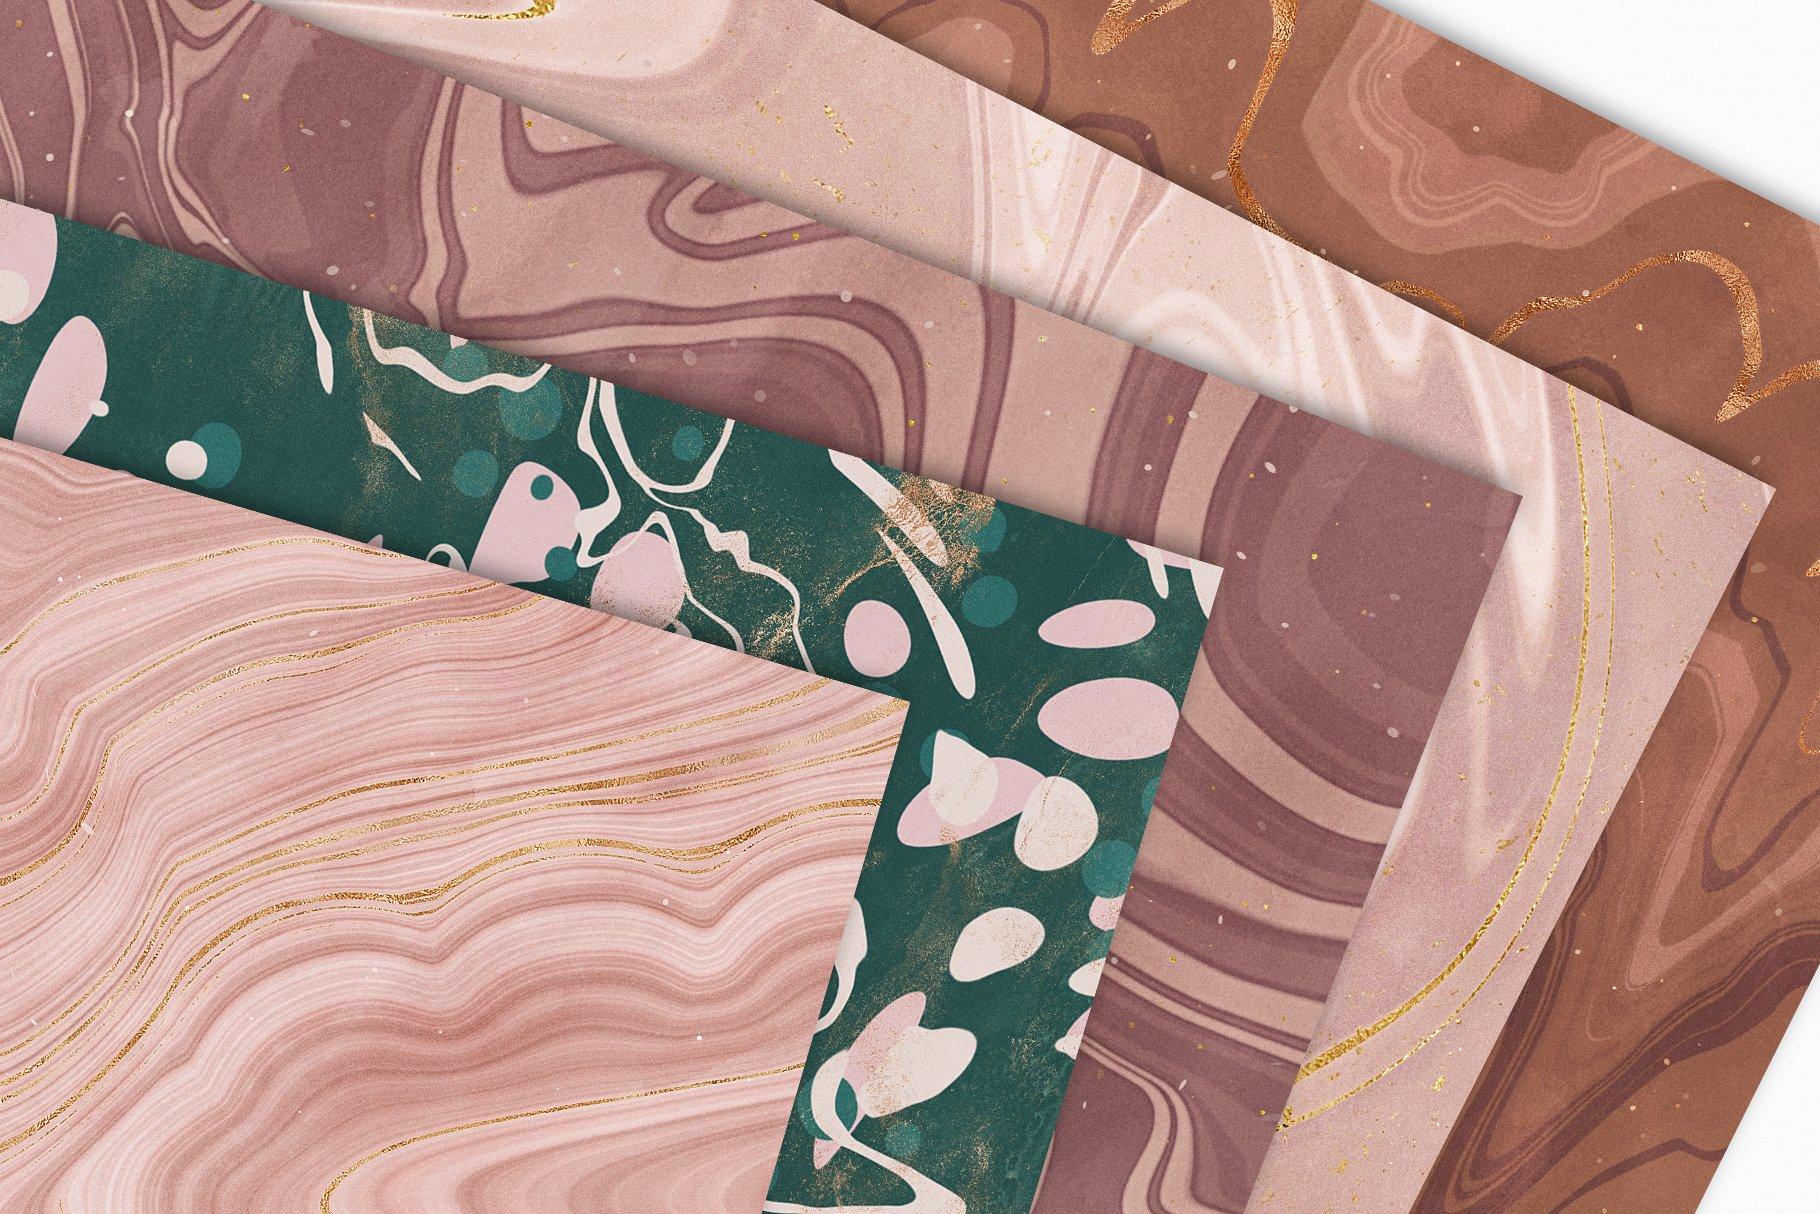 [淘宝购买] 15款抽象复古高清大理石金色箔纸纹理背景图片设计素材合集 Marbled Paper Texture Collection插图4